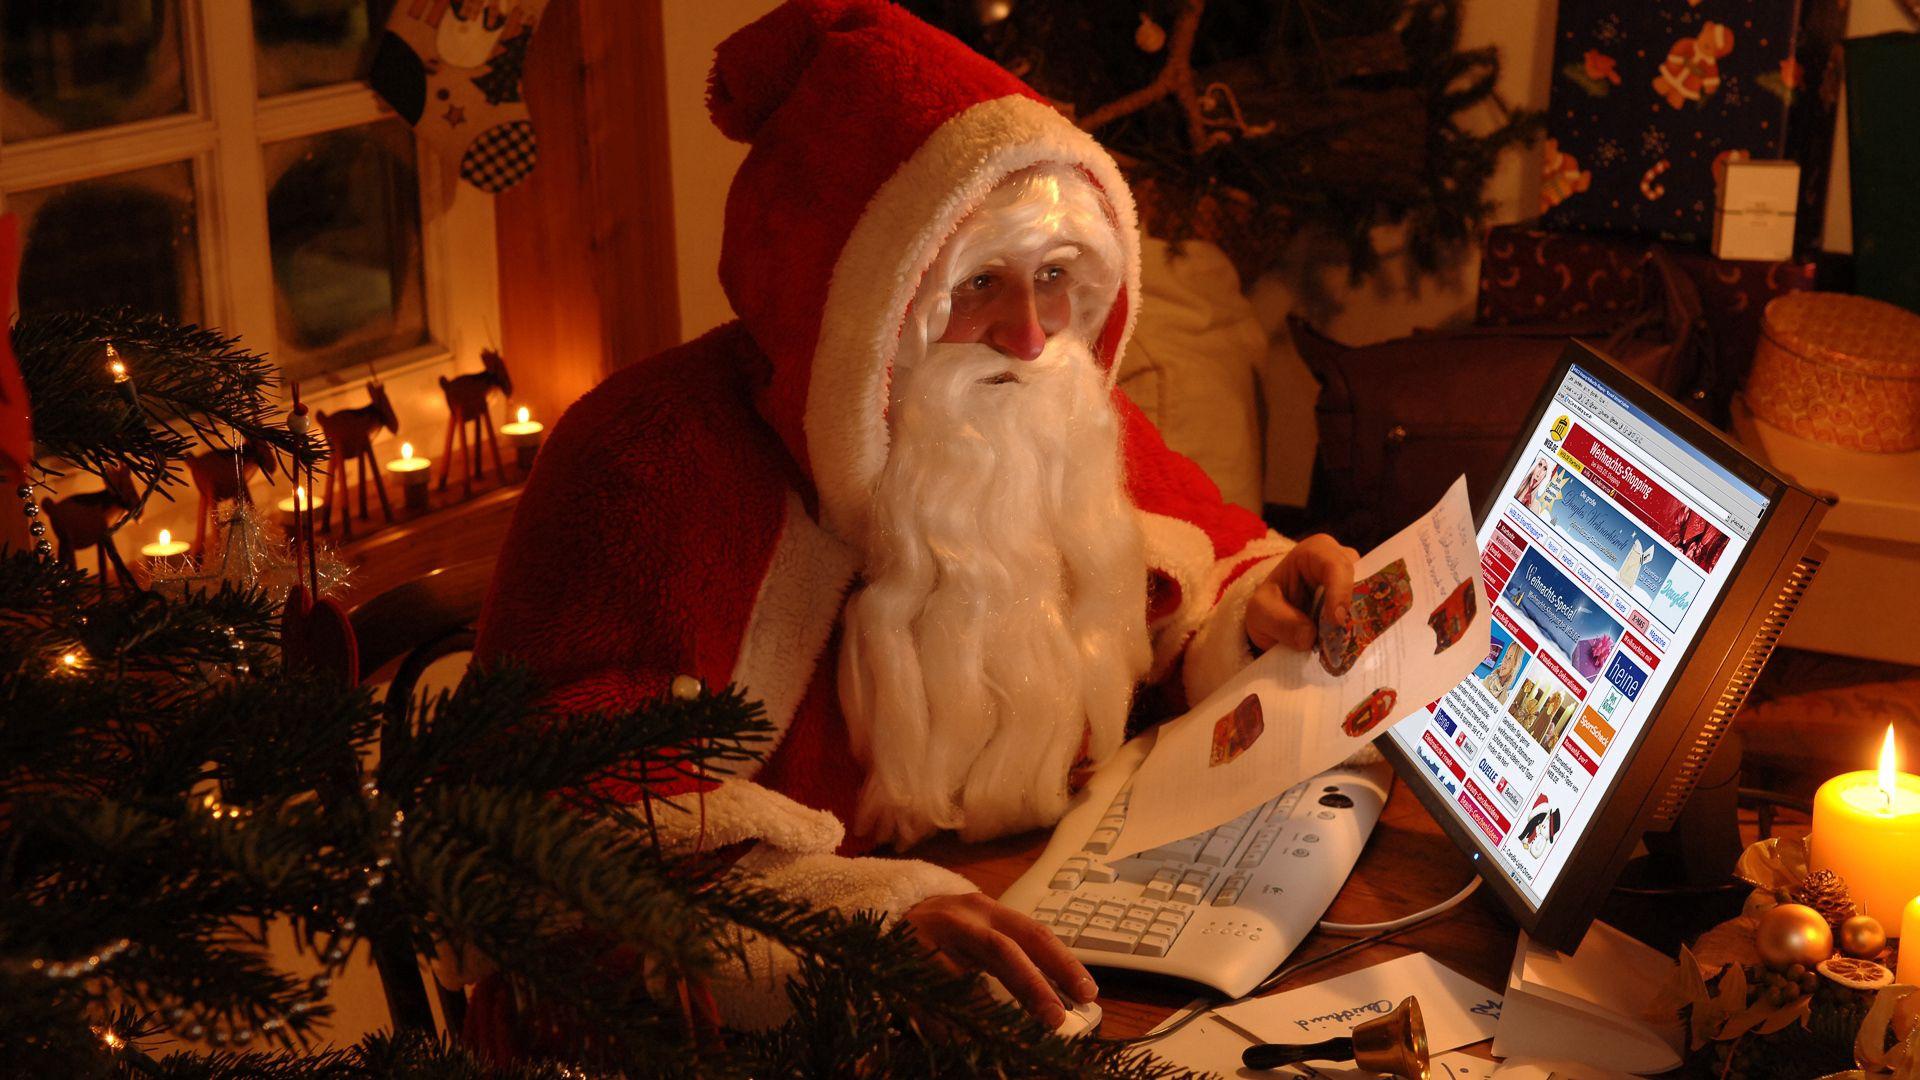 69778 Hintergrundbild herunterladen Feiertage, Neujahr, Väterchen Frost, Weihnachtsmann, Neues Jahr, Die Geschenke, Geschenke - Bildschirmschoner und Bilder kostenlos